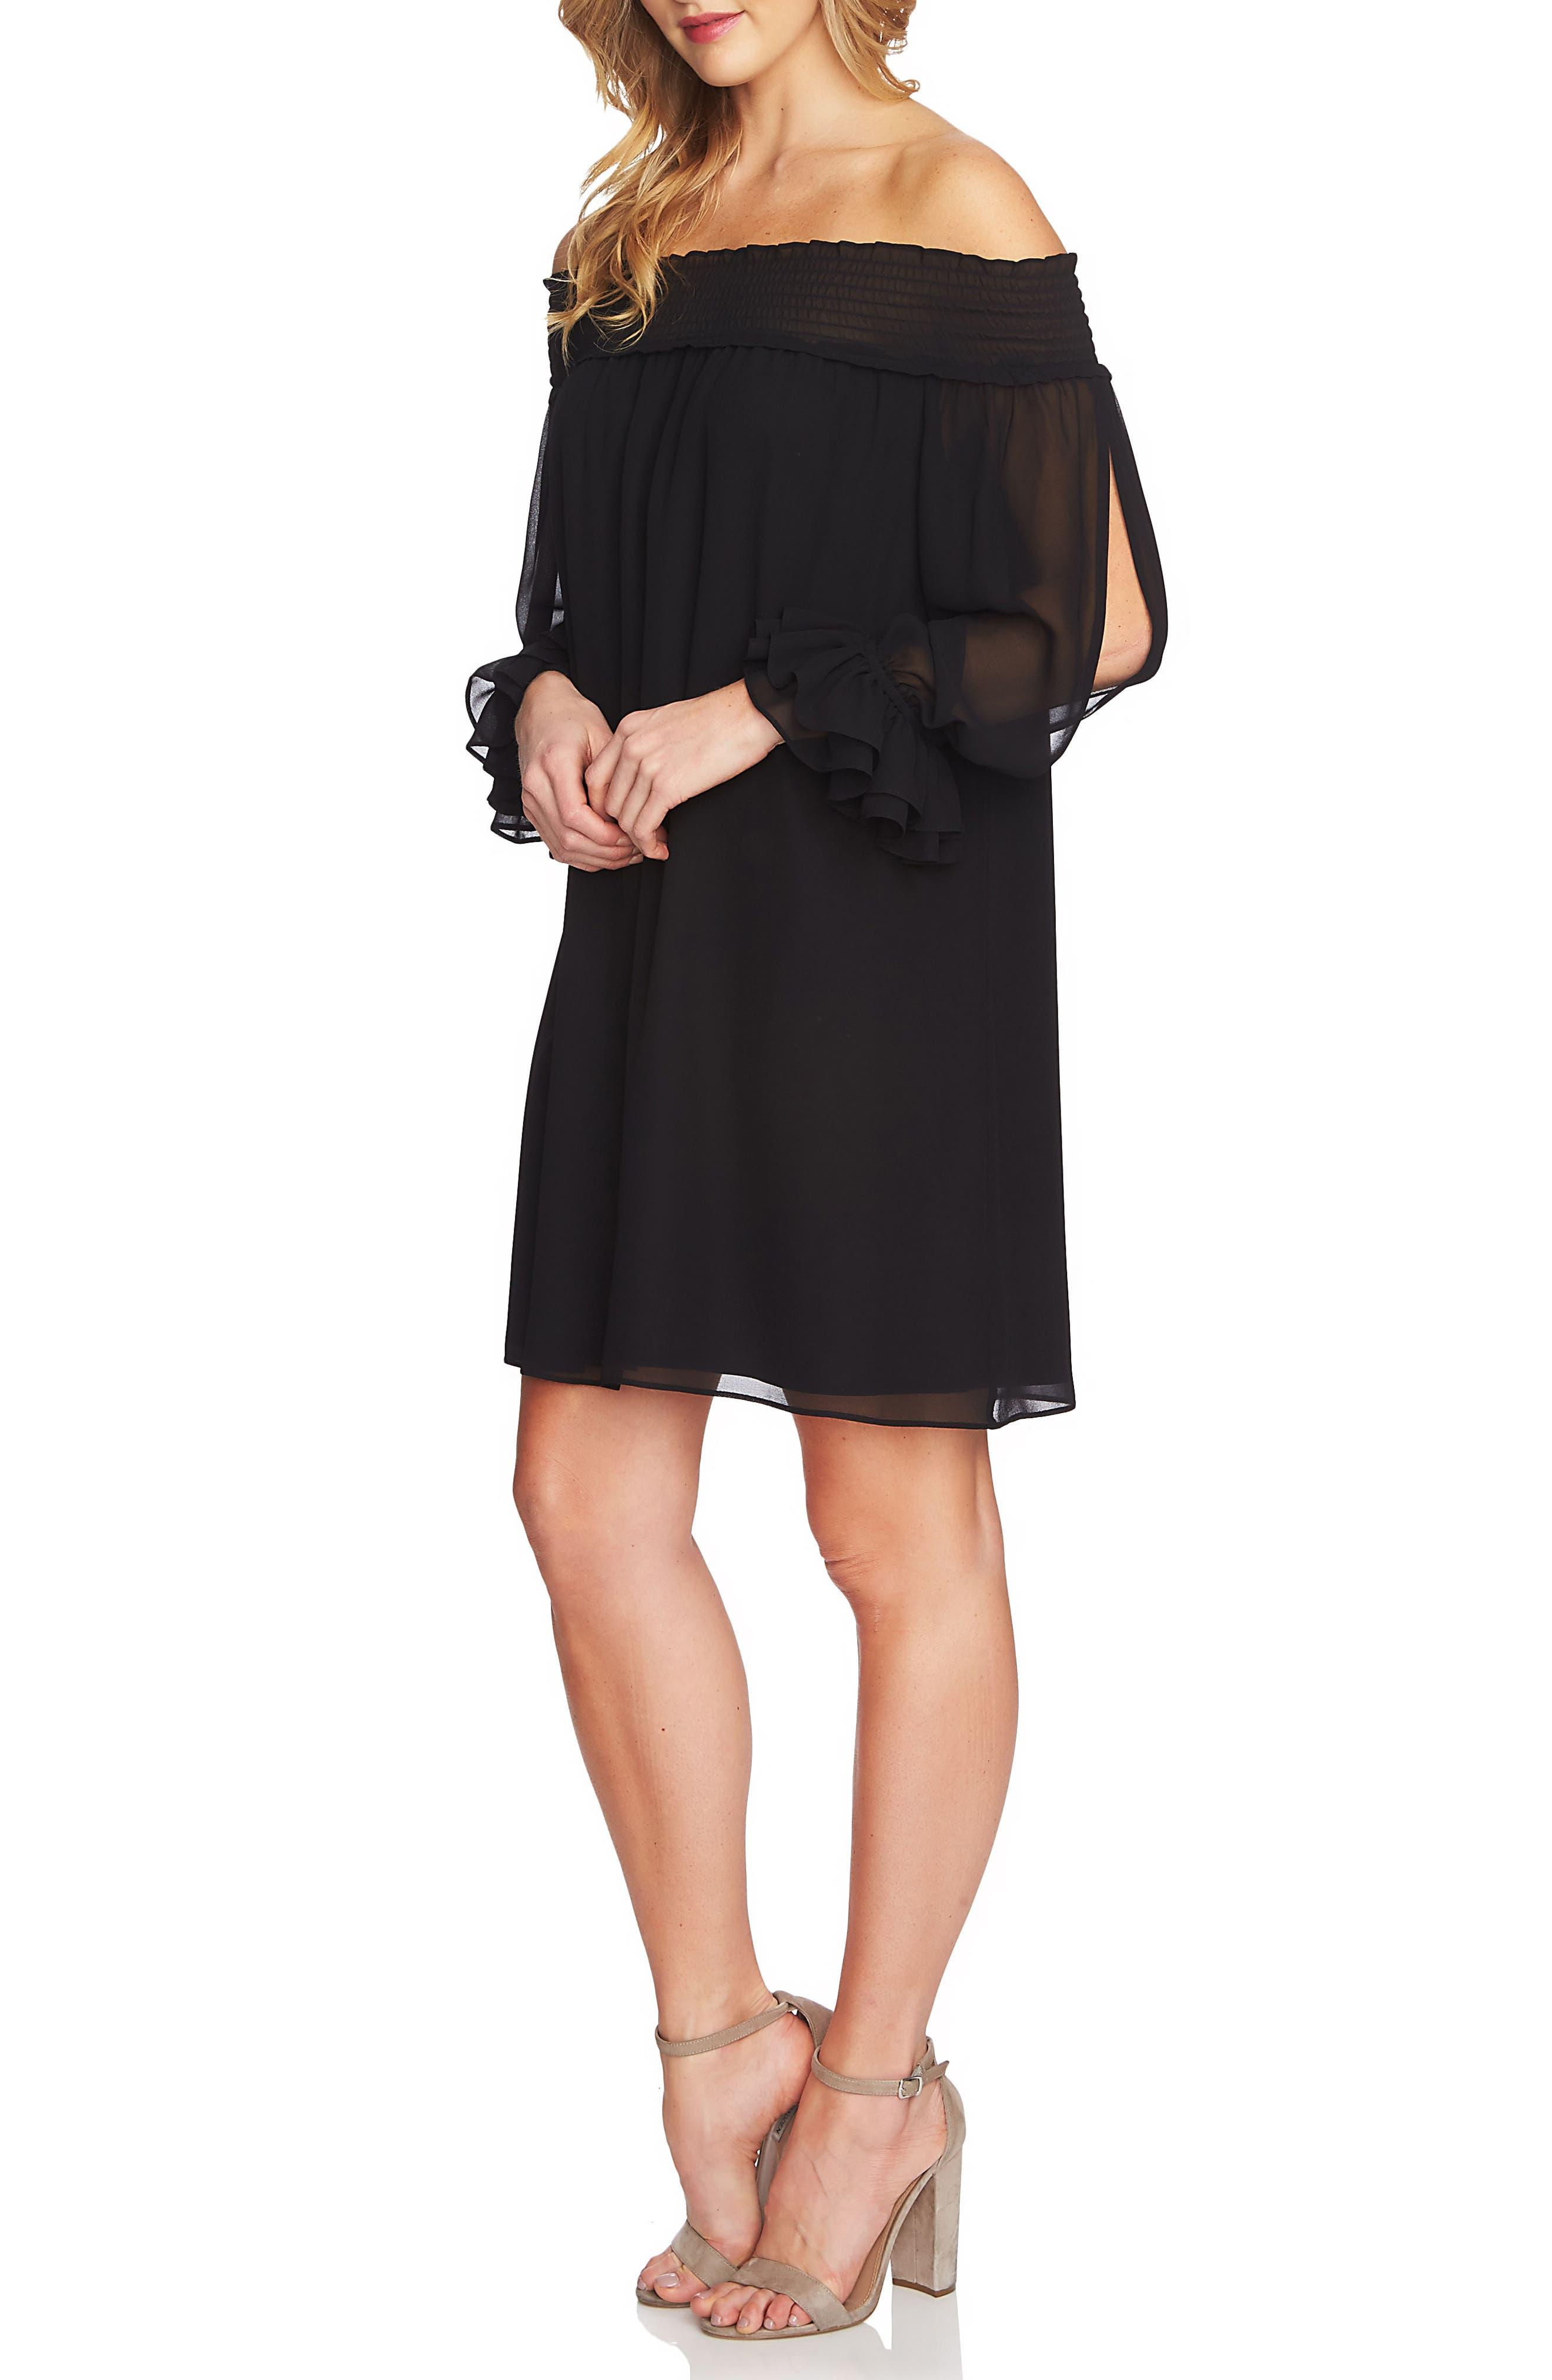 Shiloh Off the Shoulder Split Sleeve Shift Dress,                         Main,                         color,